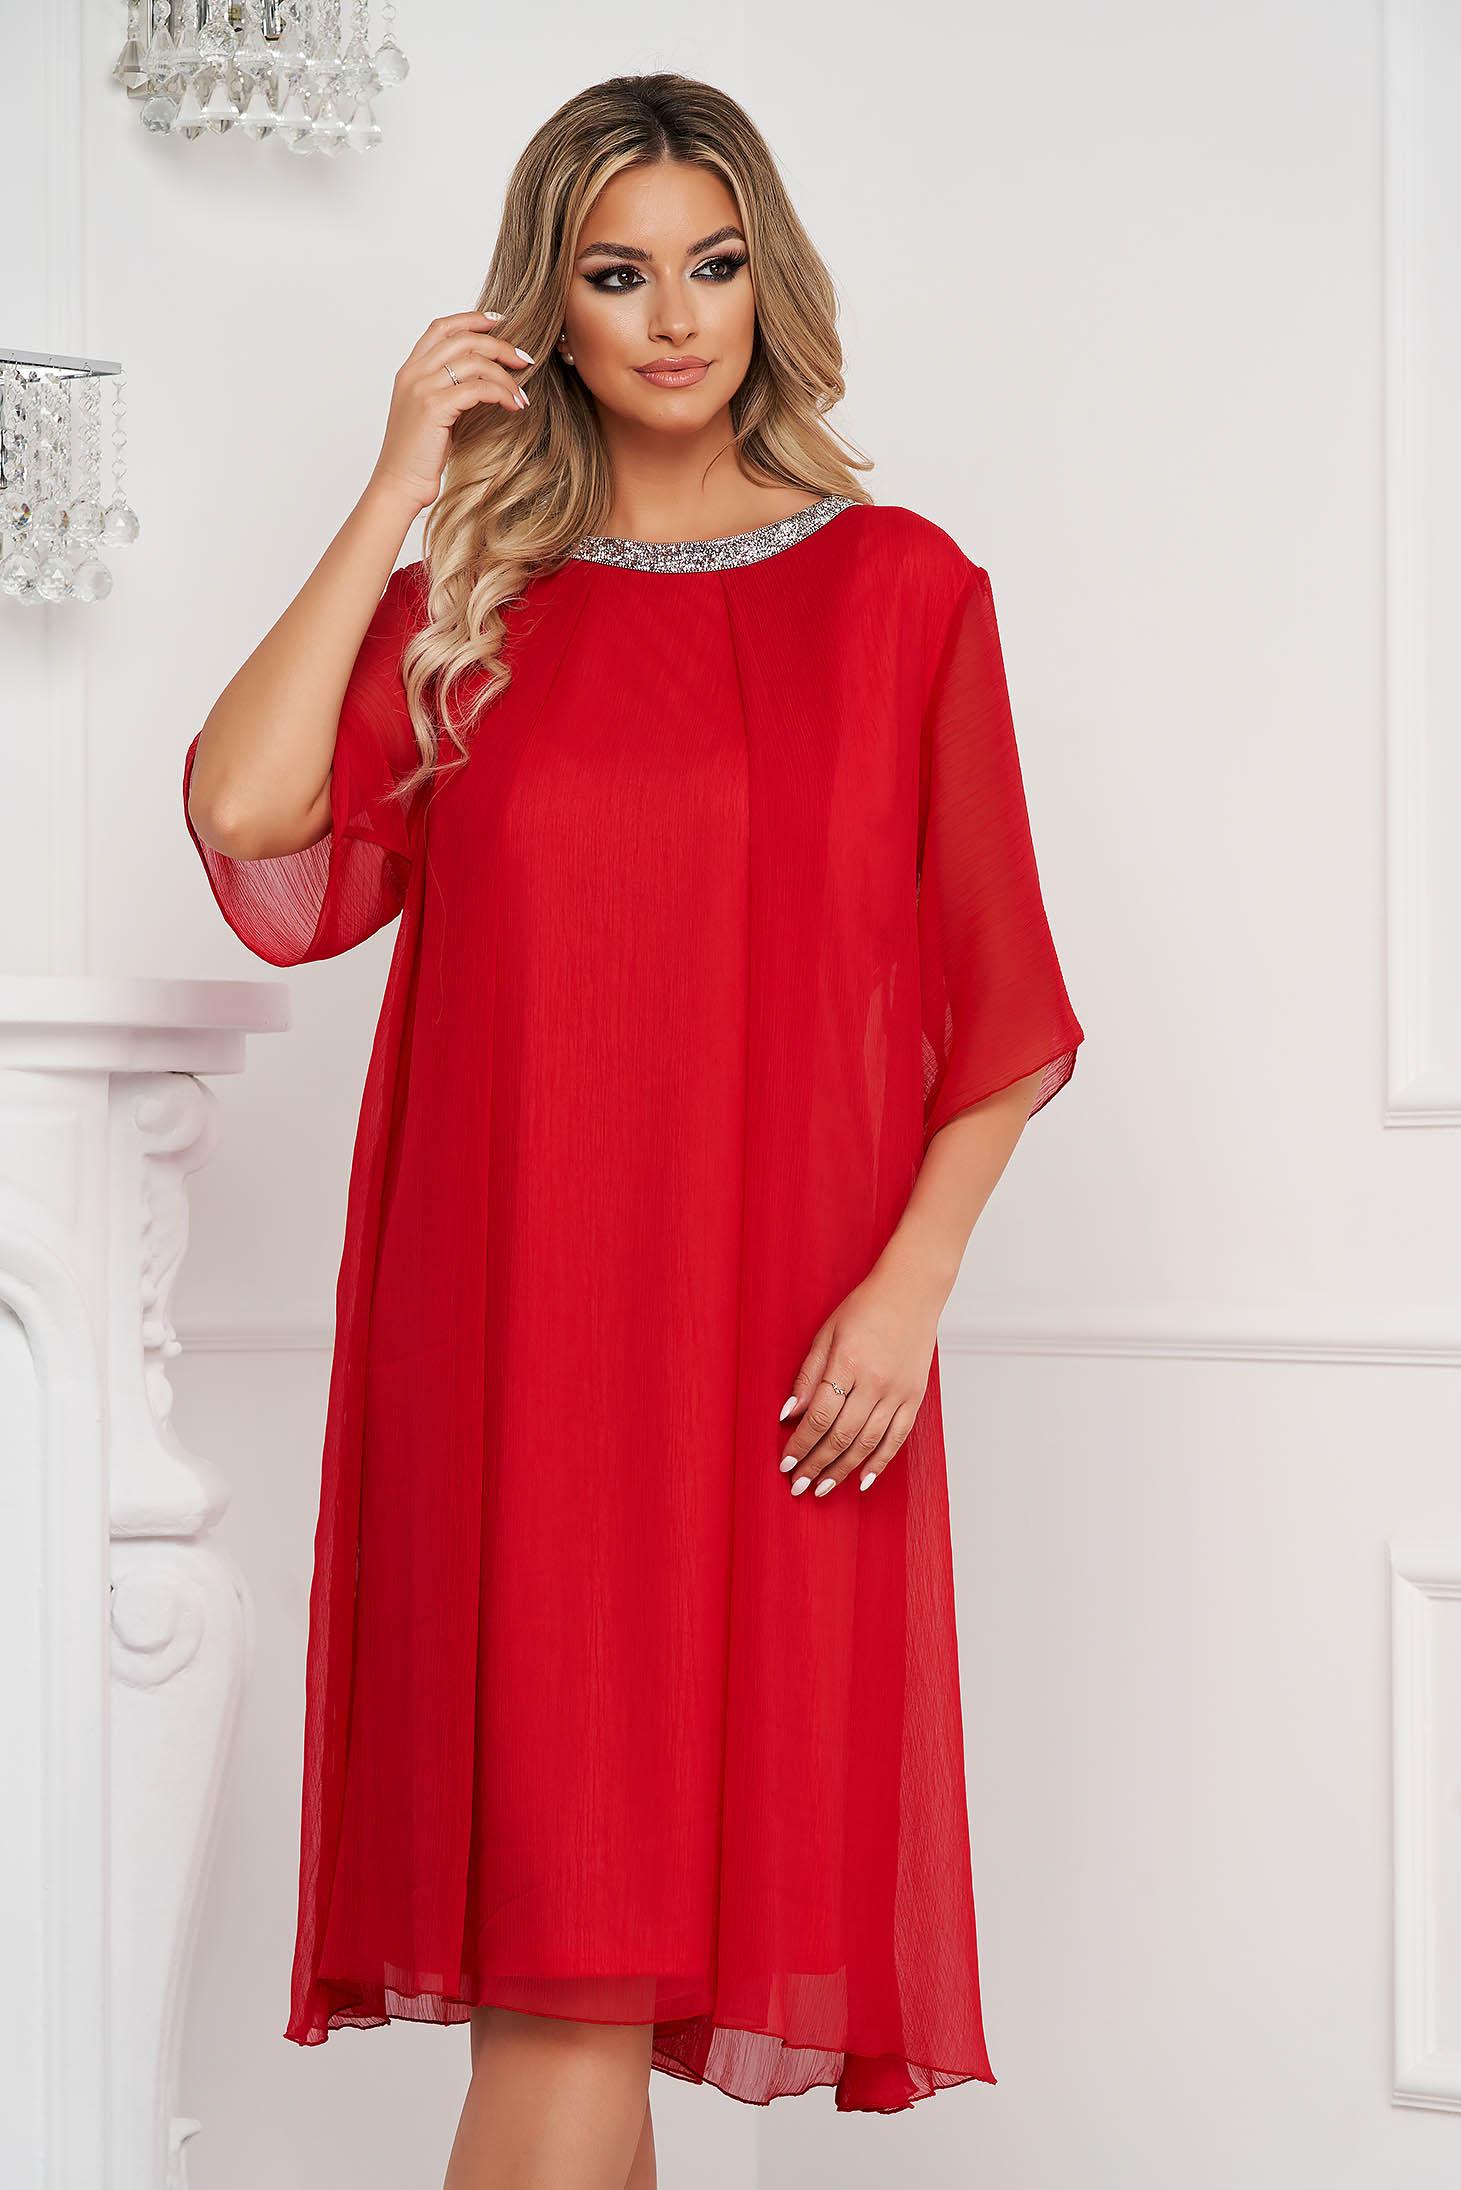 Rochie rosie midi din material creponat cu croi si maneci largi accesorizata cu pietre stras